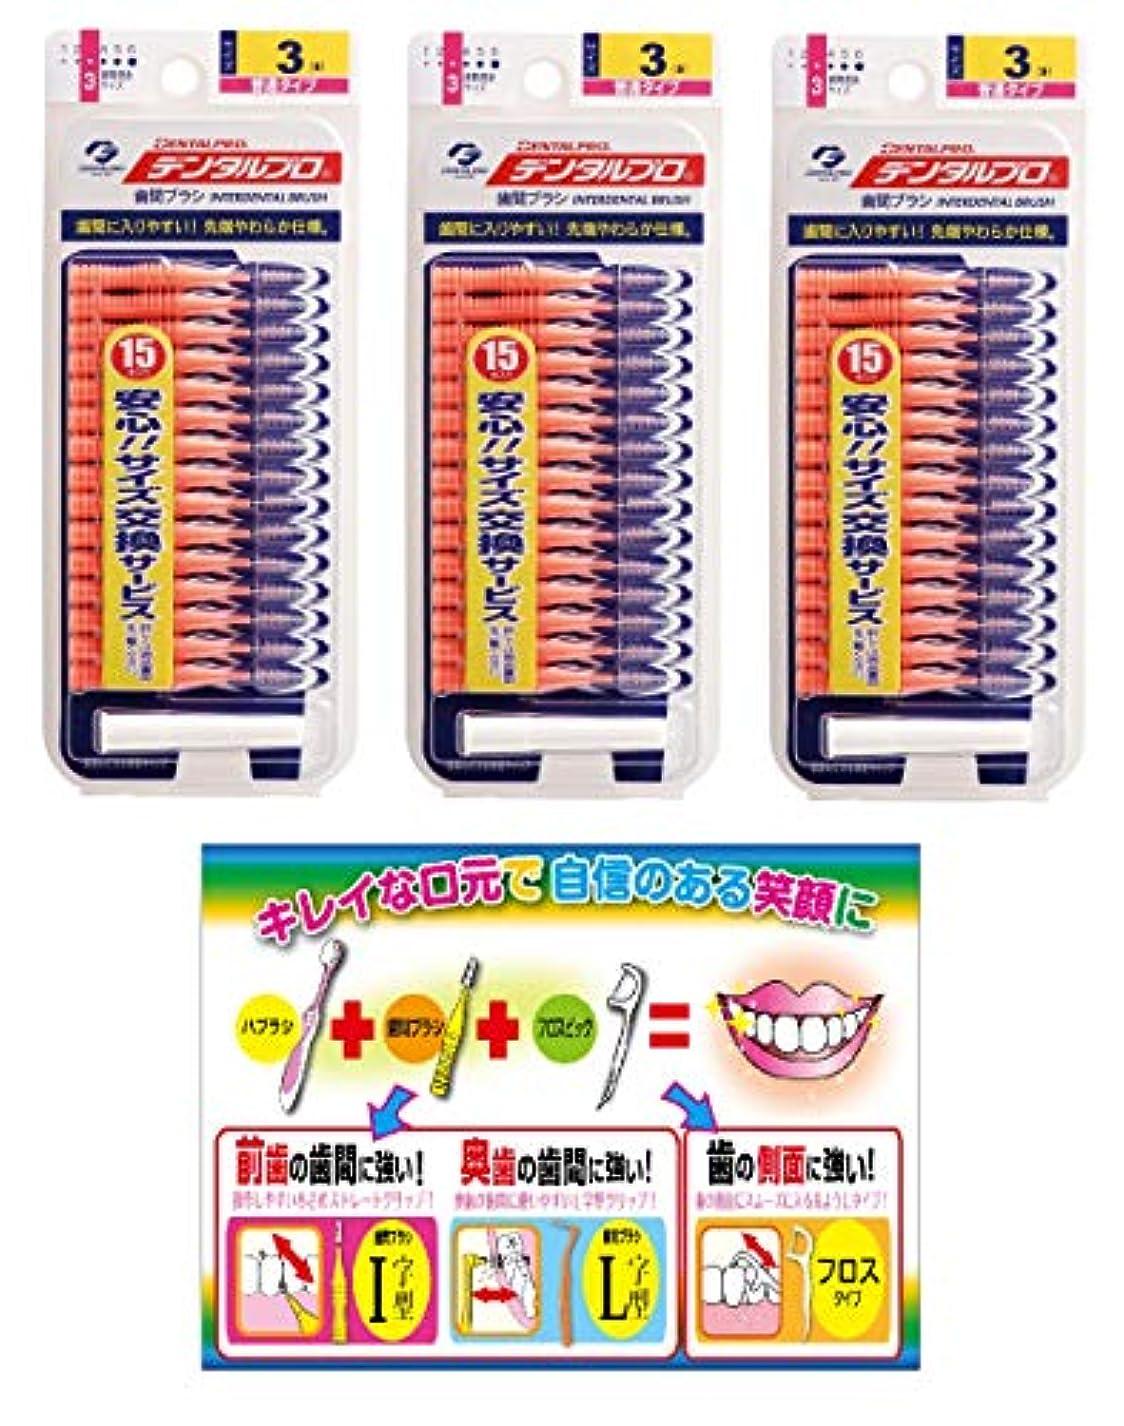 台風消防士デザイナー【Amazon.co.jp限定】DP歯間ブラシ15P サイズ3 3P+リーフレット